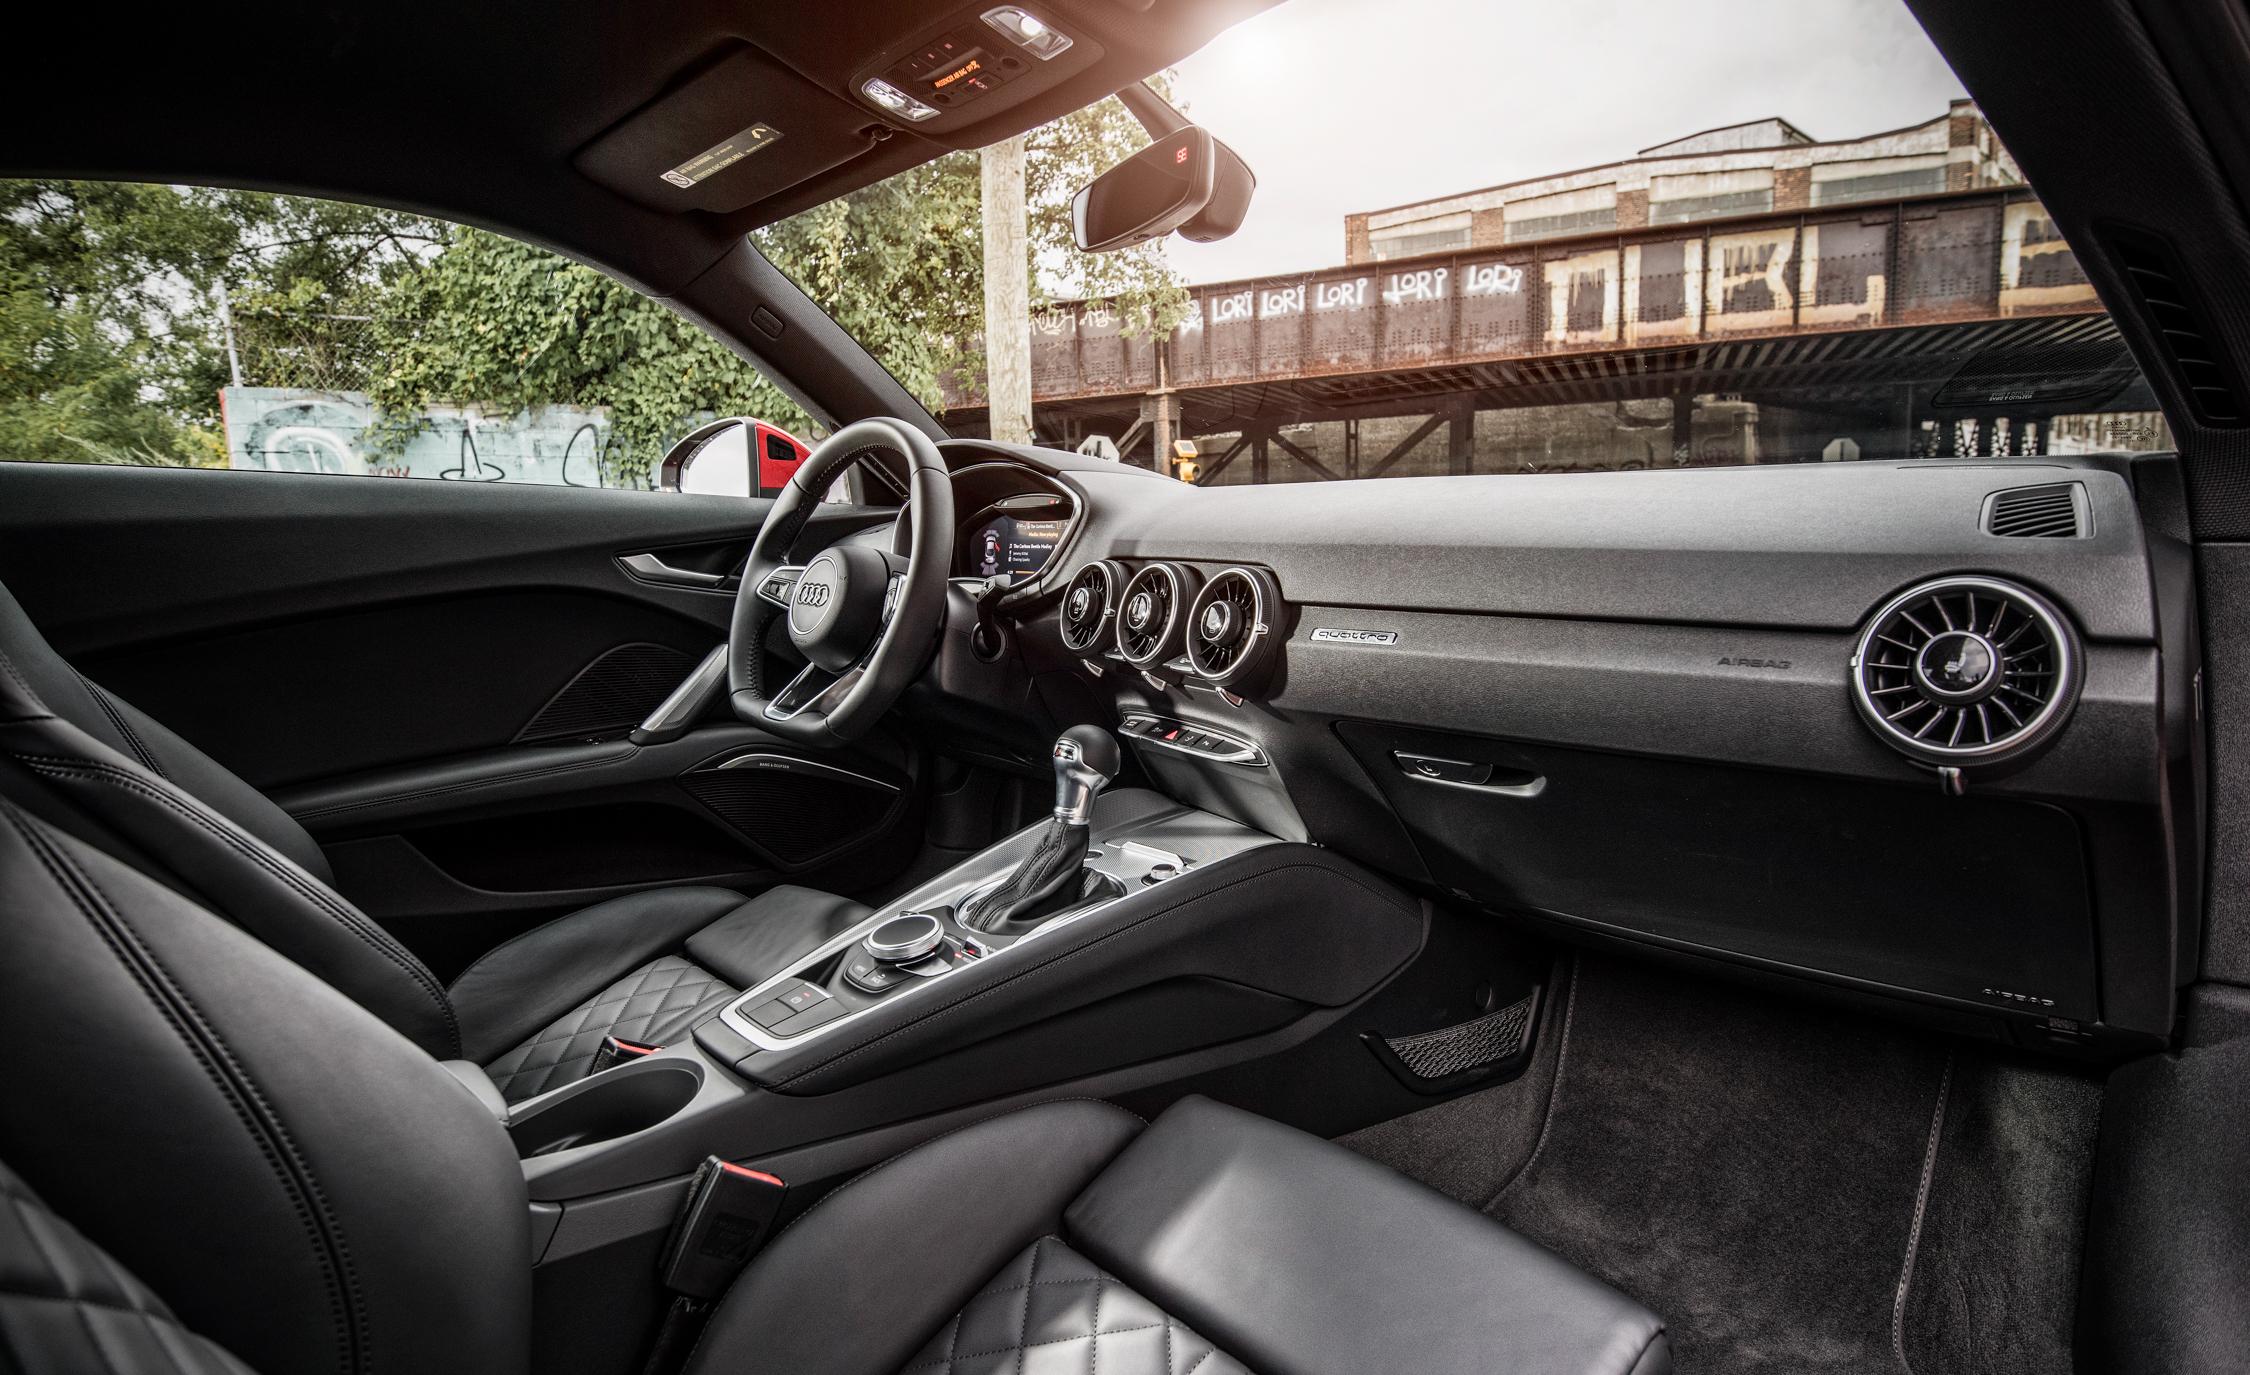 2016 Audi TT (View 2 of 41)